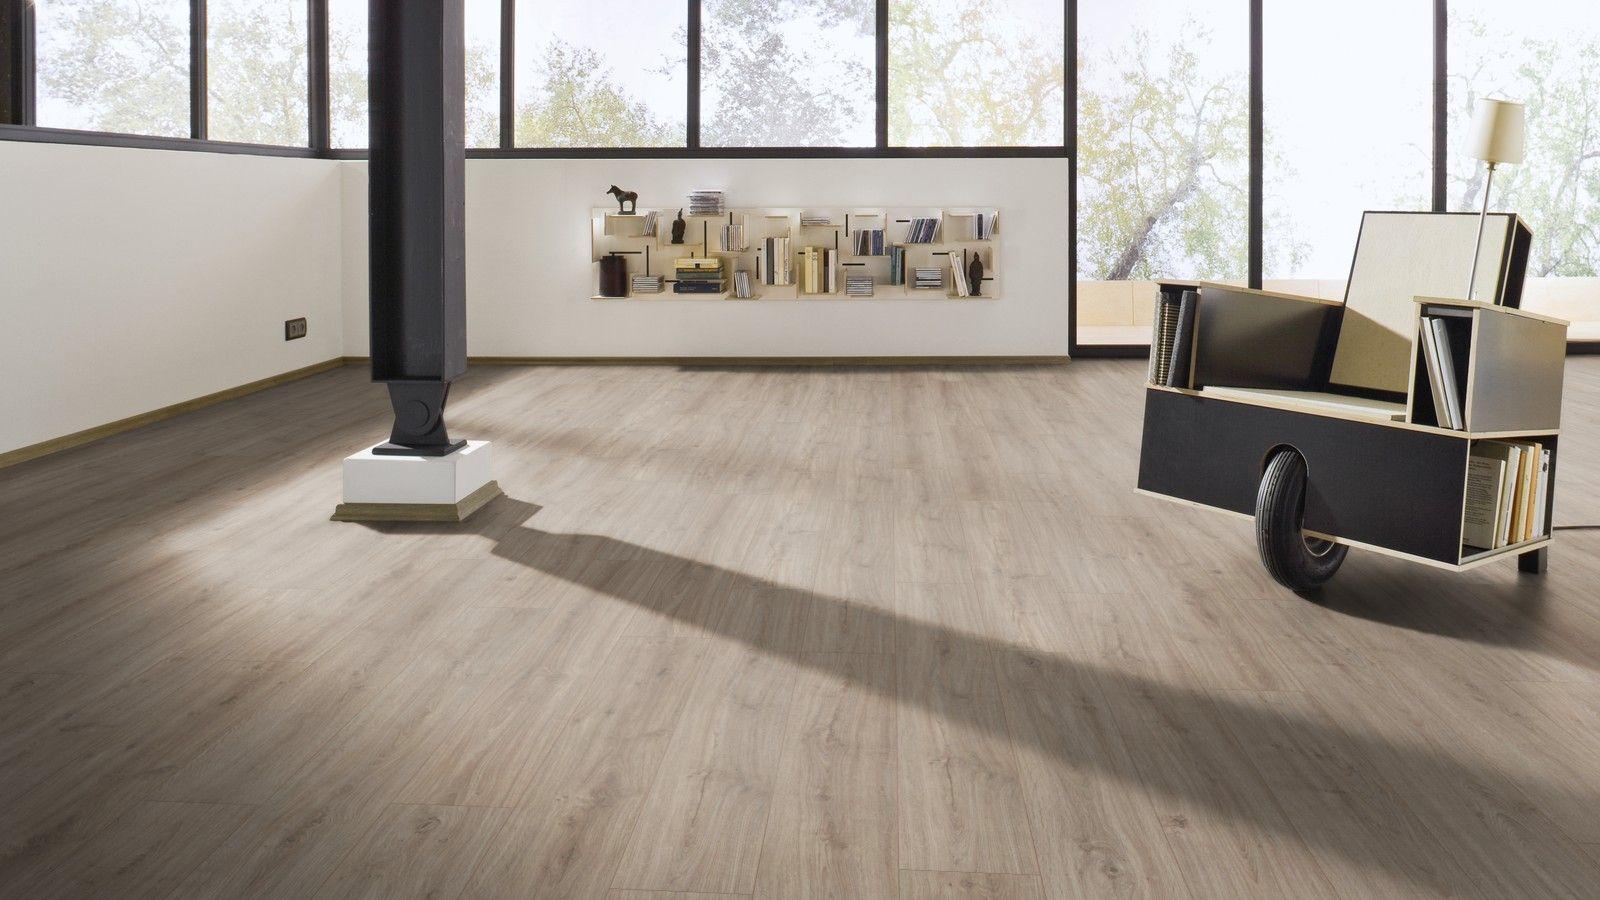 Sol Stratifie Chanfreine Ld75 De Chez Meister Decor Chene Arcadia 6412 Idee De Decoration Decoration Interieure Et Decoration Maison